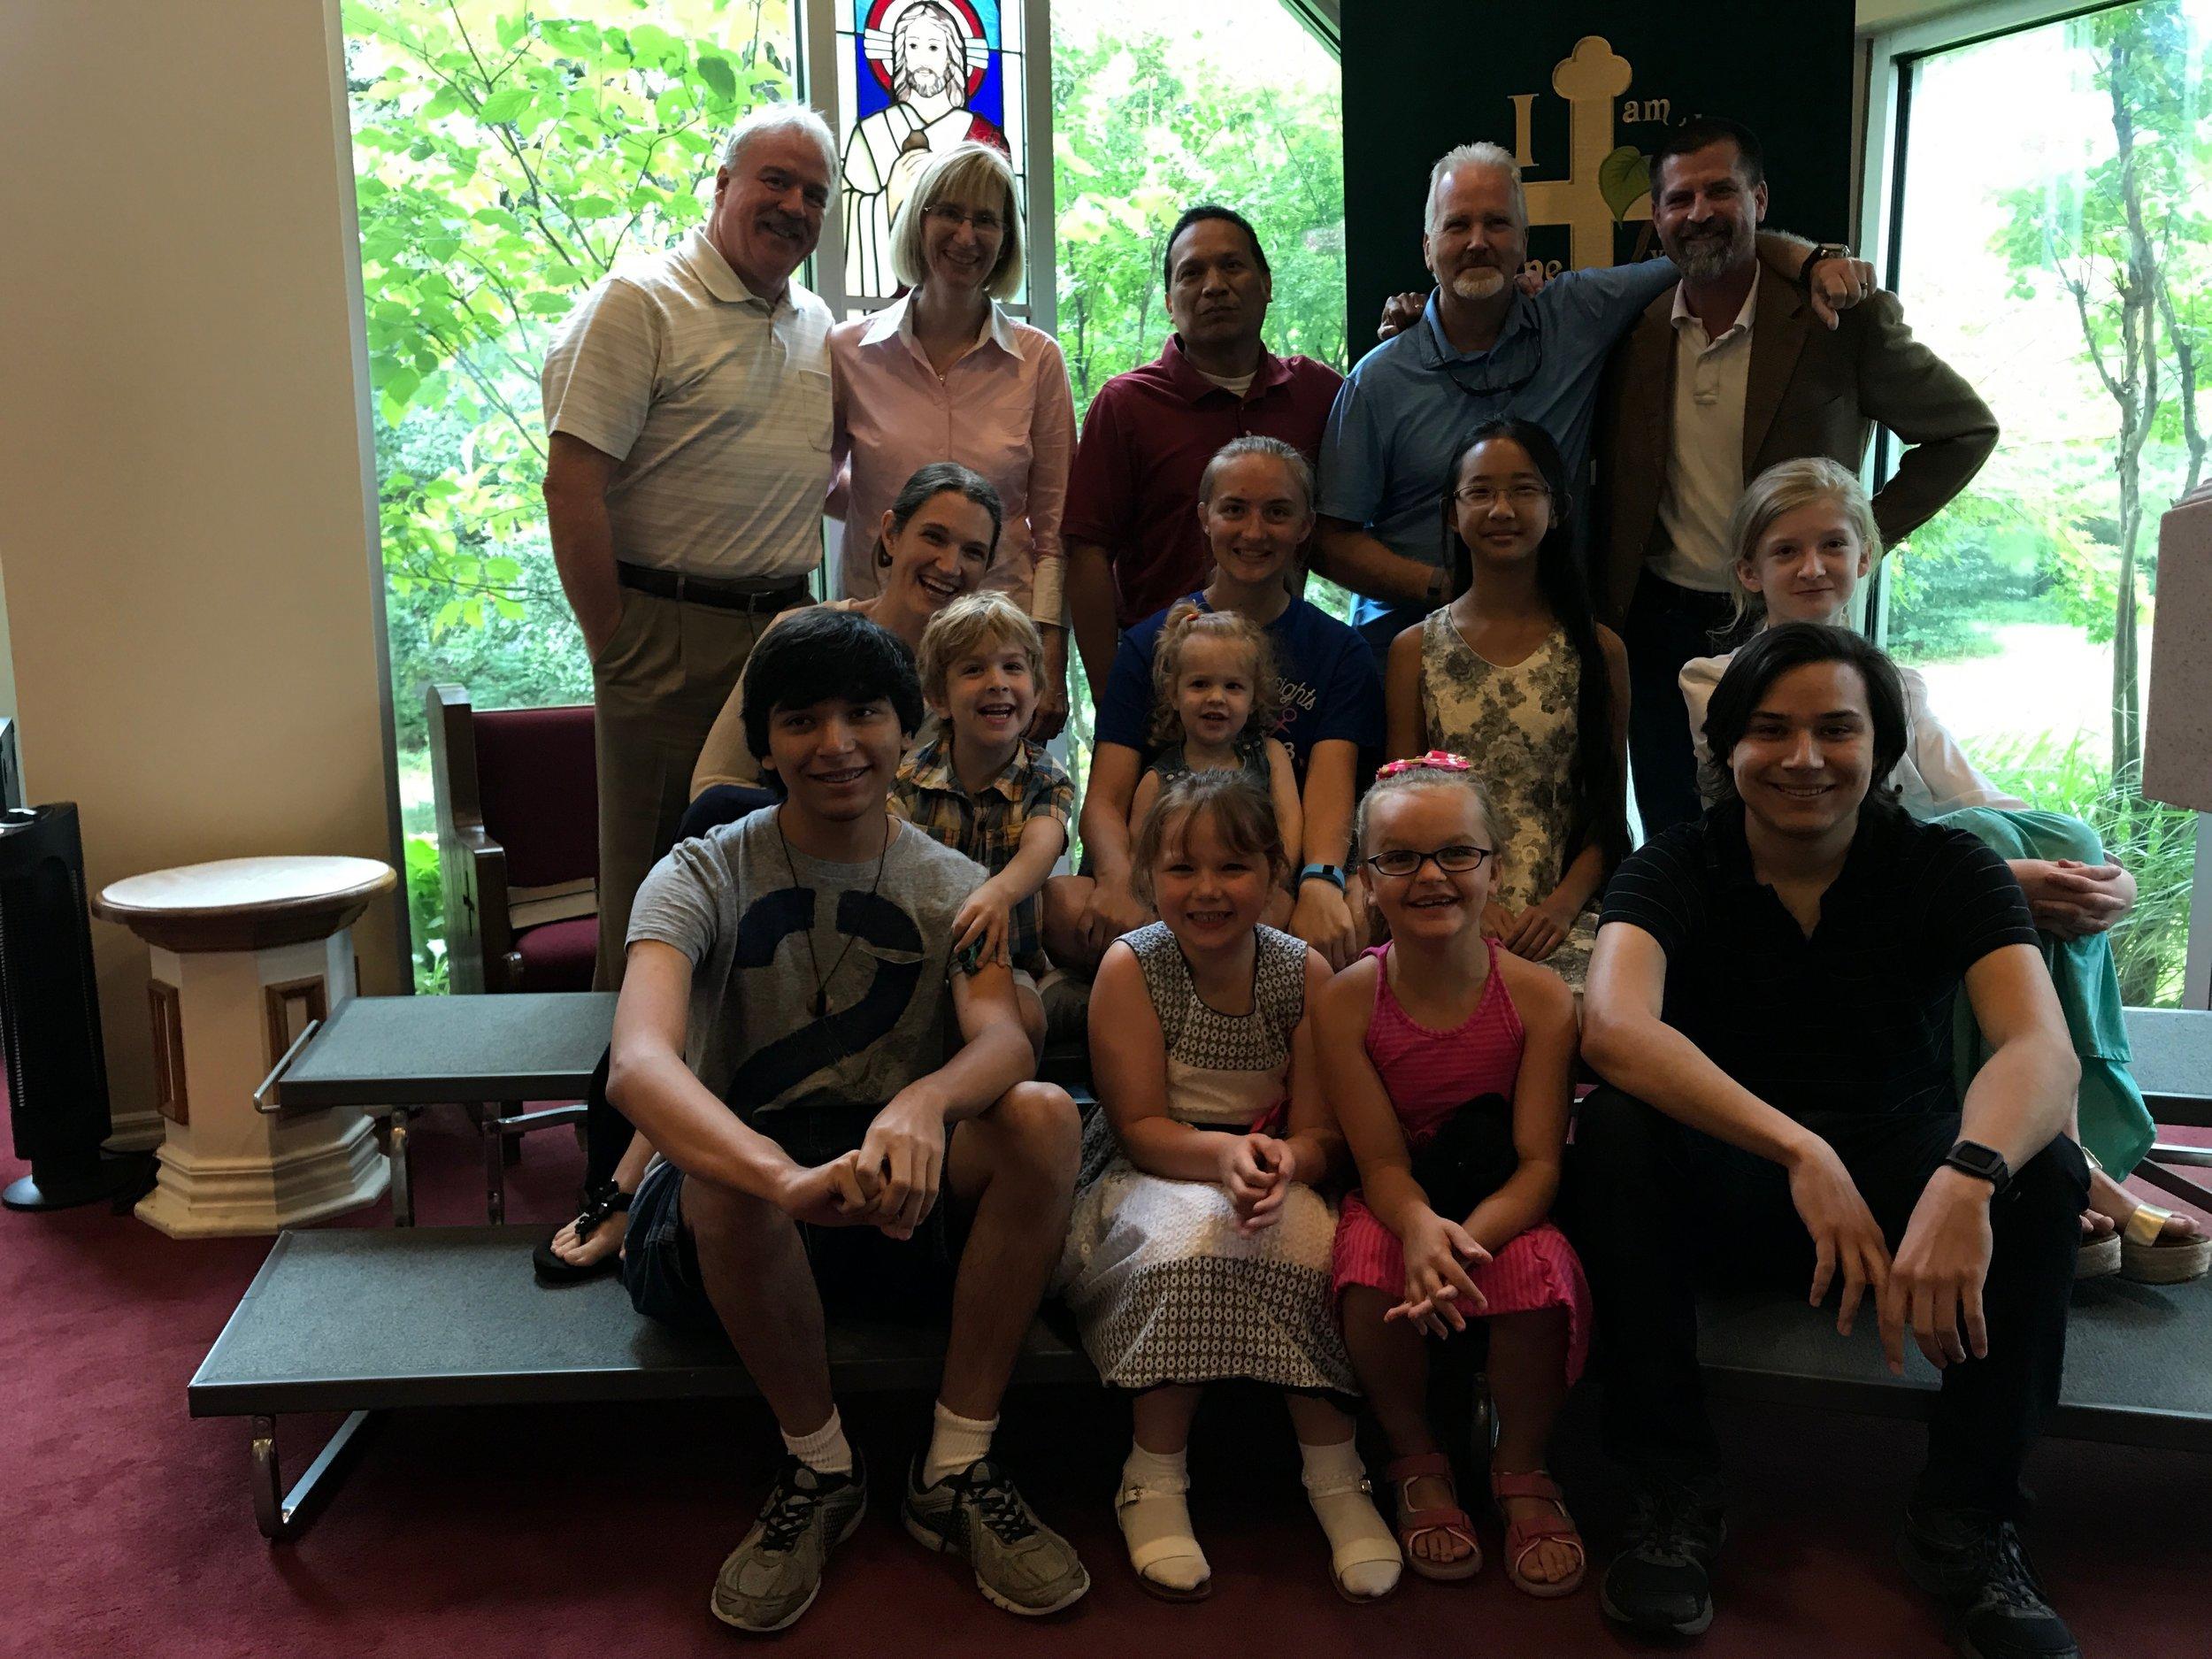 grandbuddies-joy-lutheran-church-tulsa.JPG